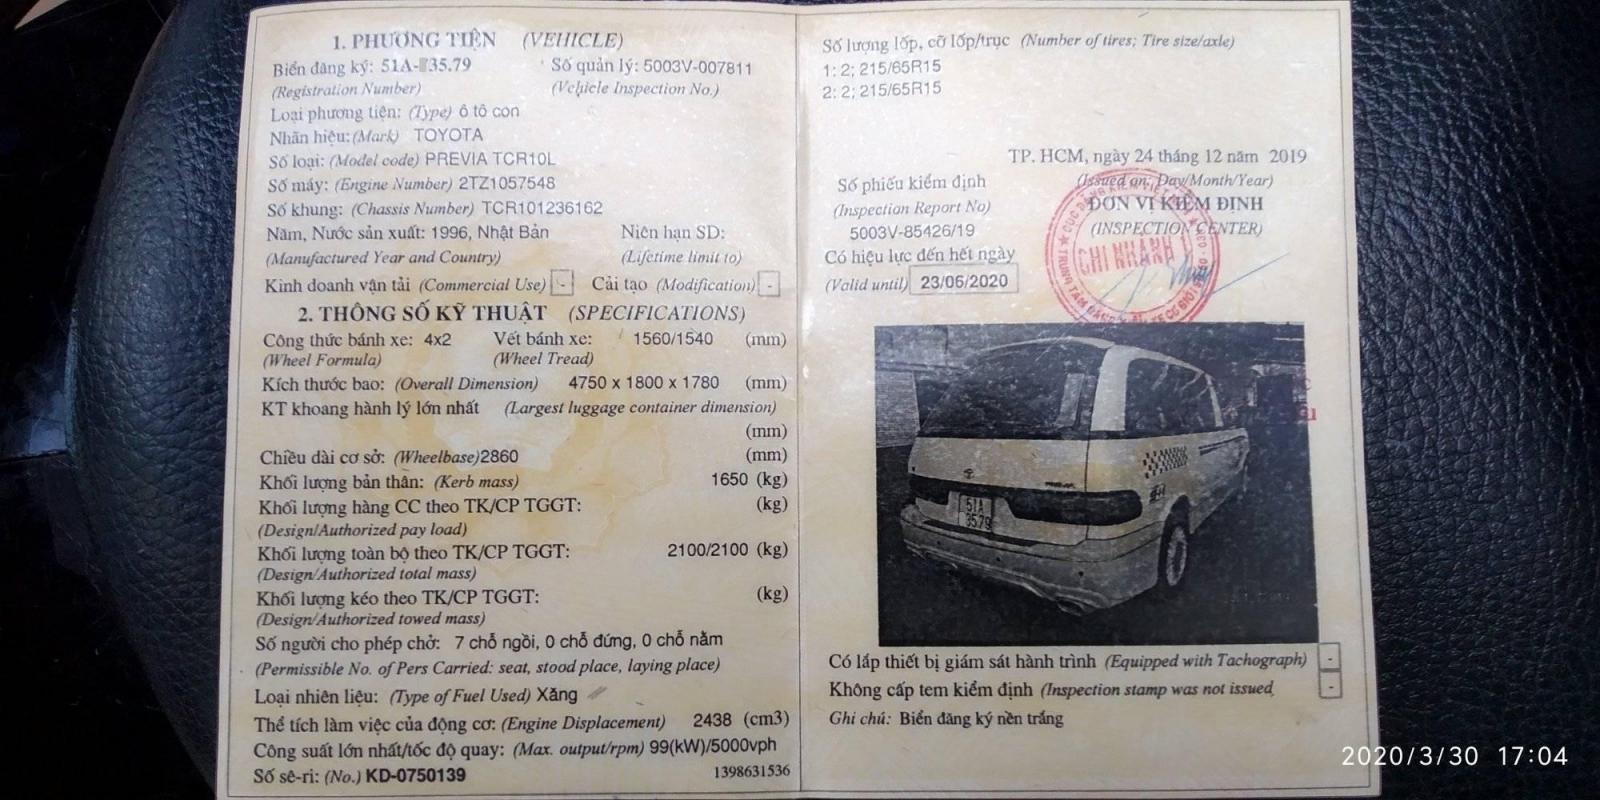 Bán xe Toyota Previa S.C đời 1996, màu trắng, xe nhập, 179 triệu